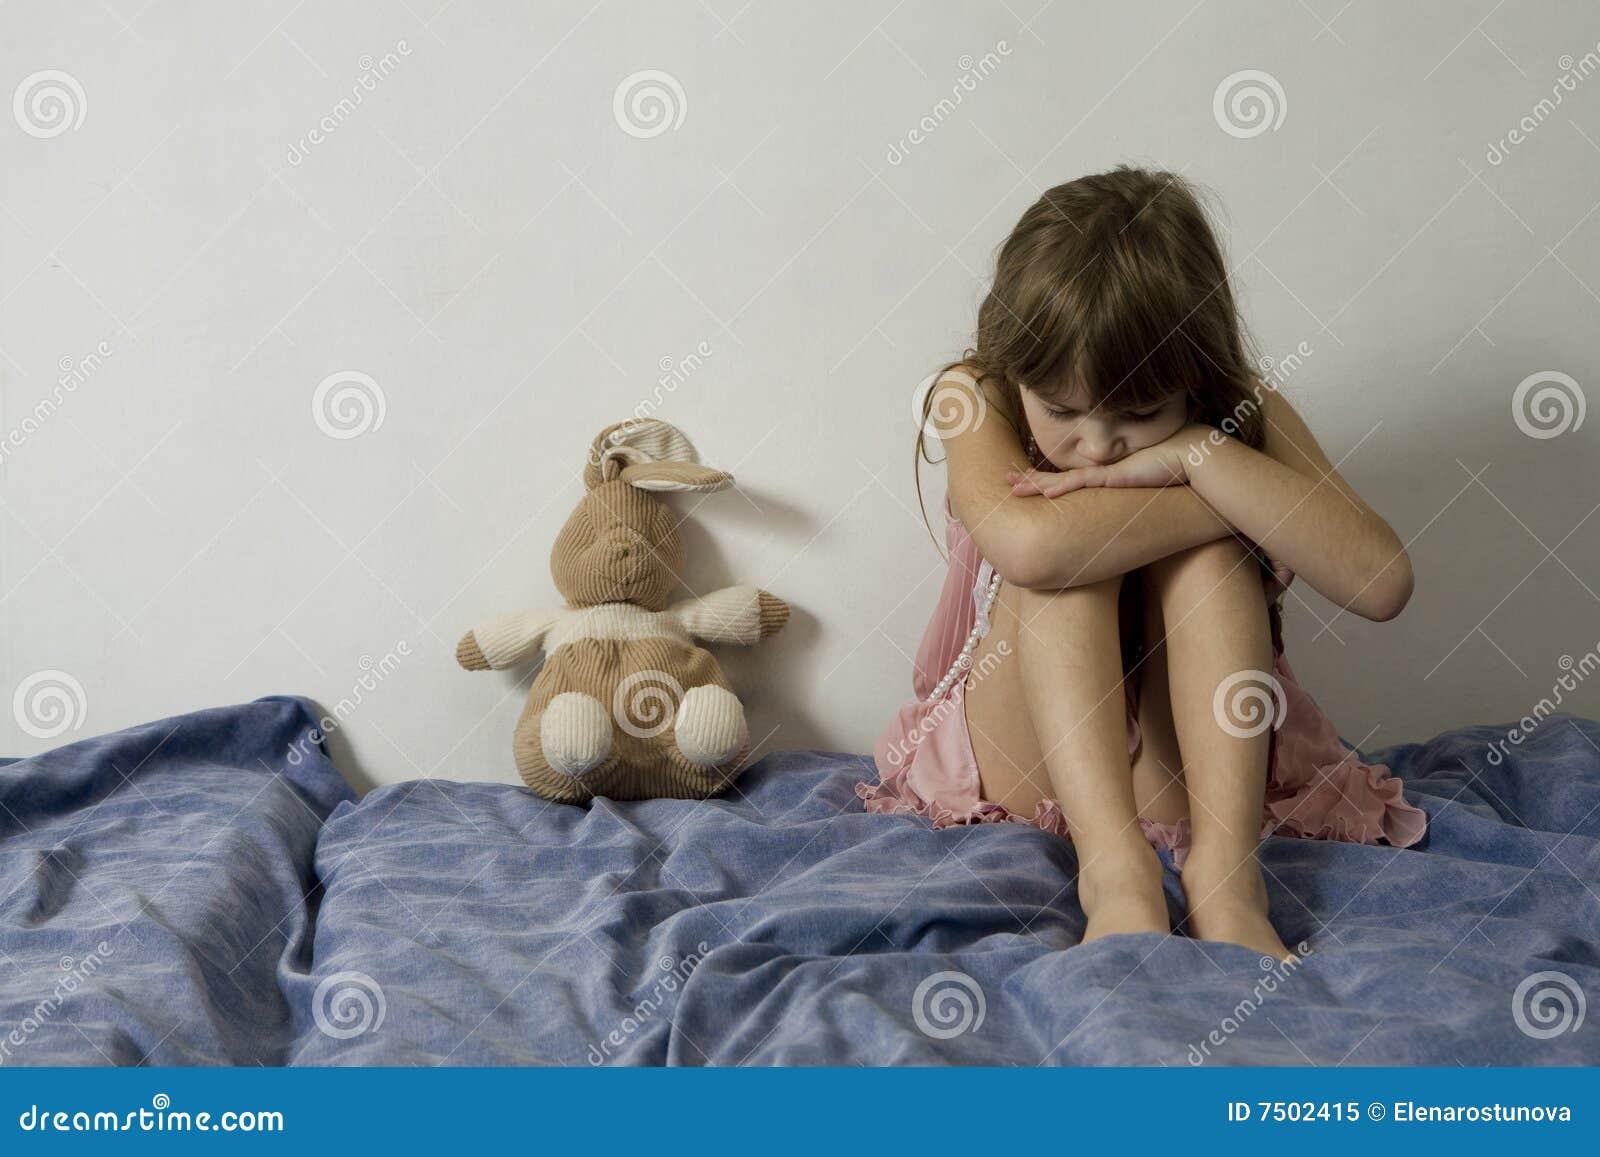 Фото эротика девочки и мальчики 4 фотография